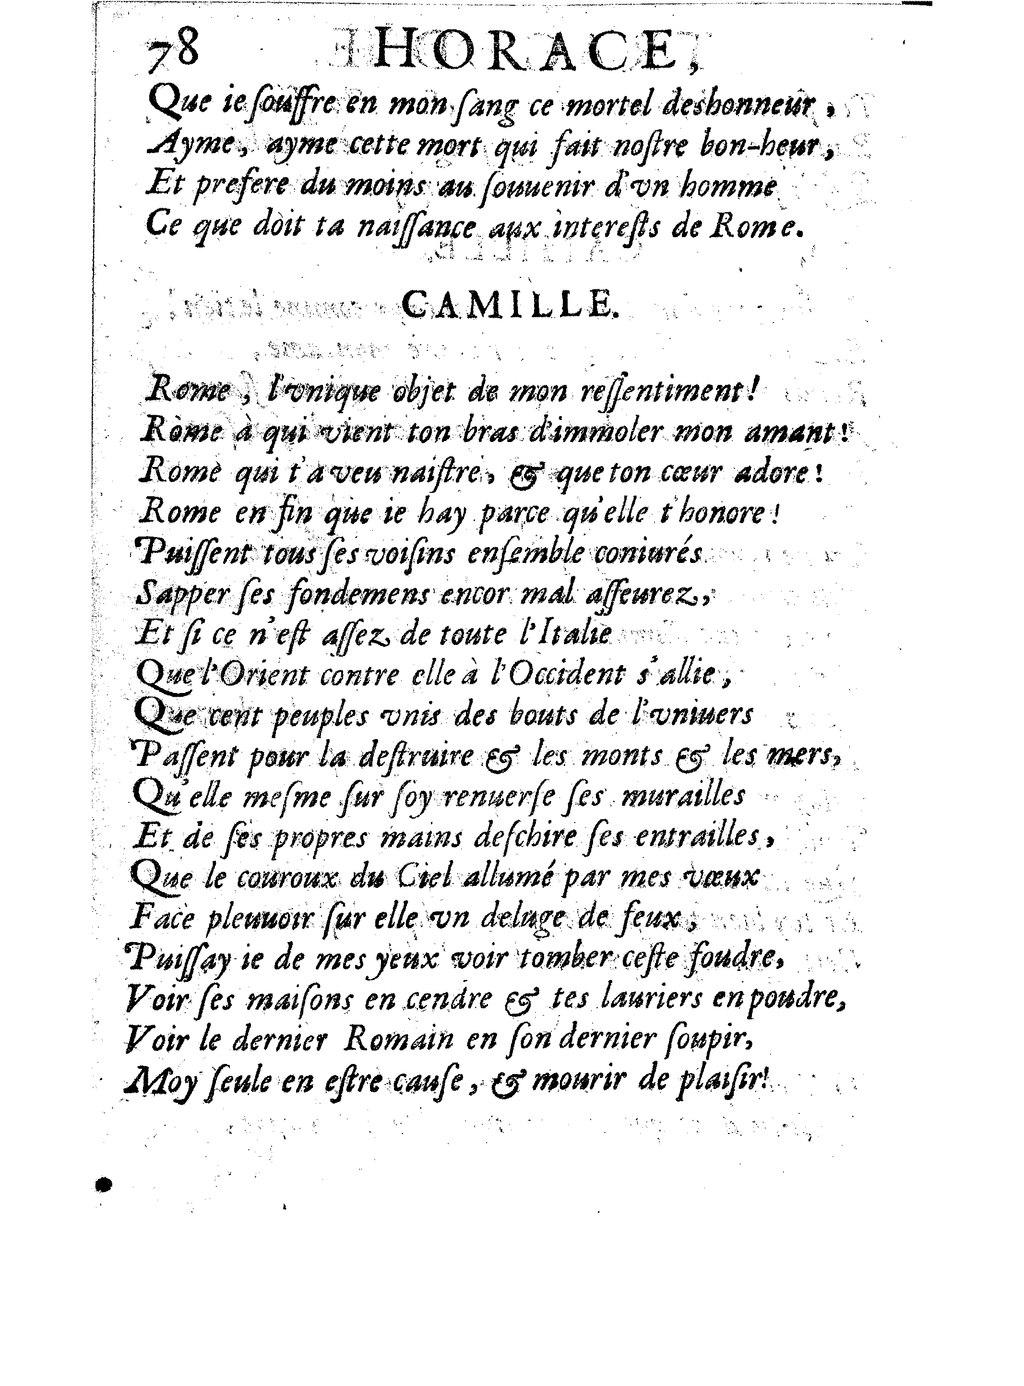 Rome Unique Objet De Mon Ressentiment : unique, objet, ressentiment, Page:Corneille, Horace,, 1641.djvu/88, Wikisource